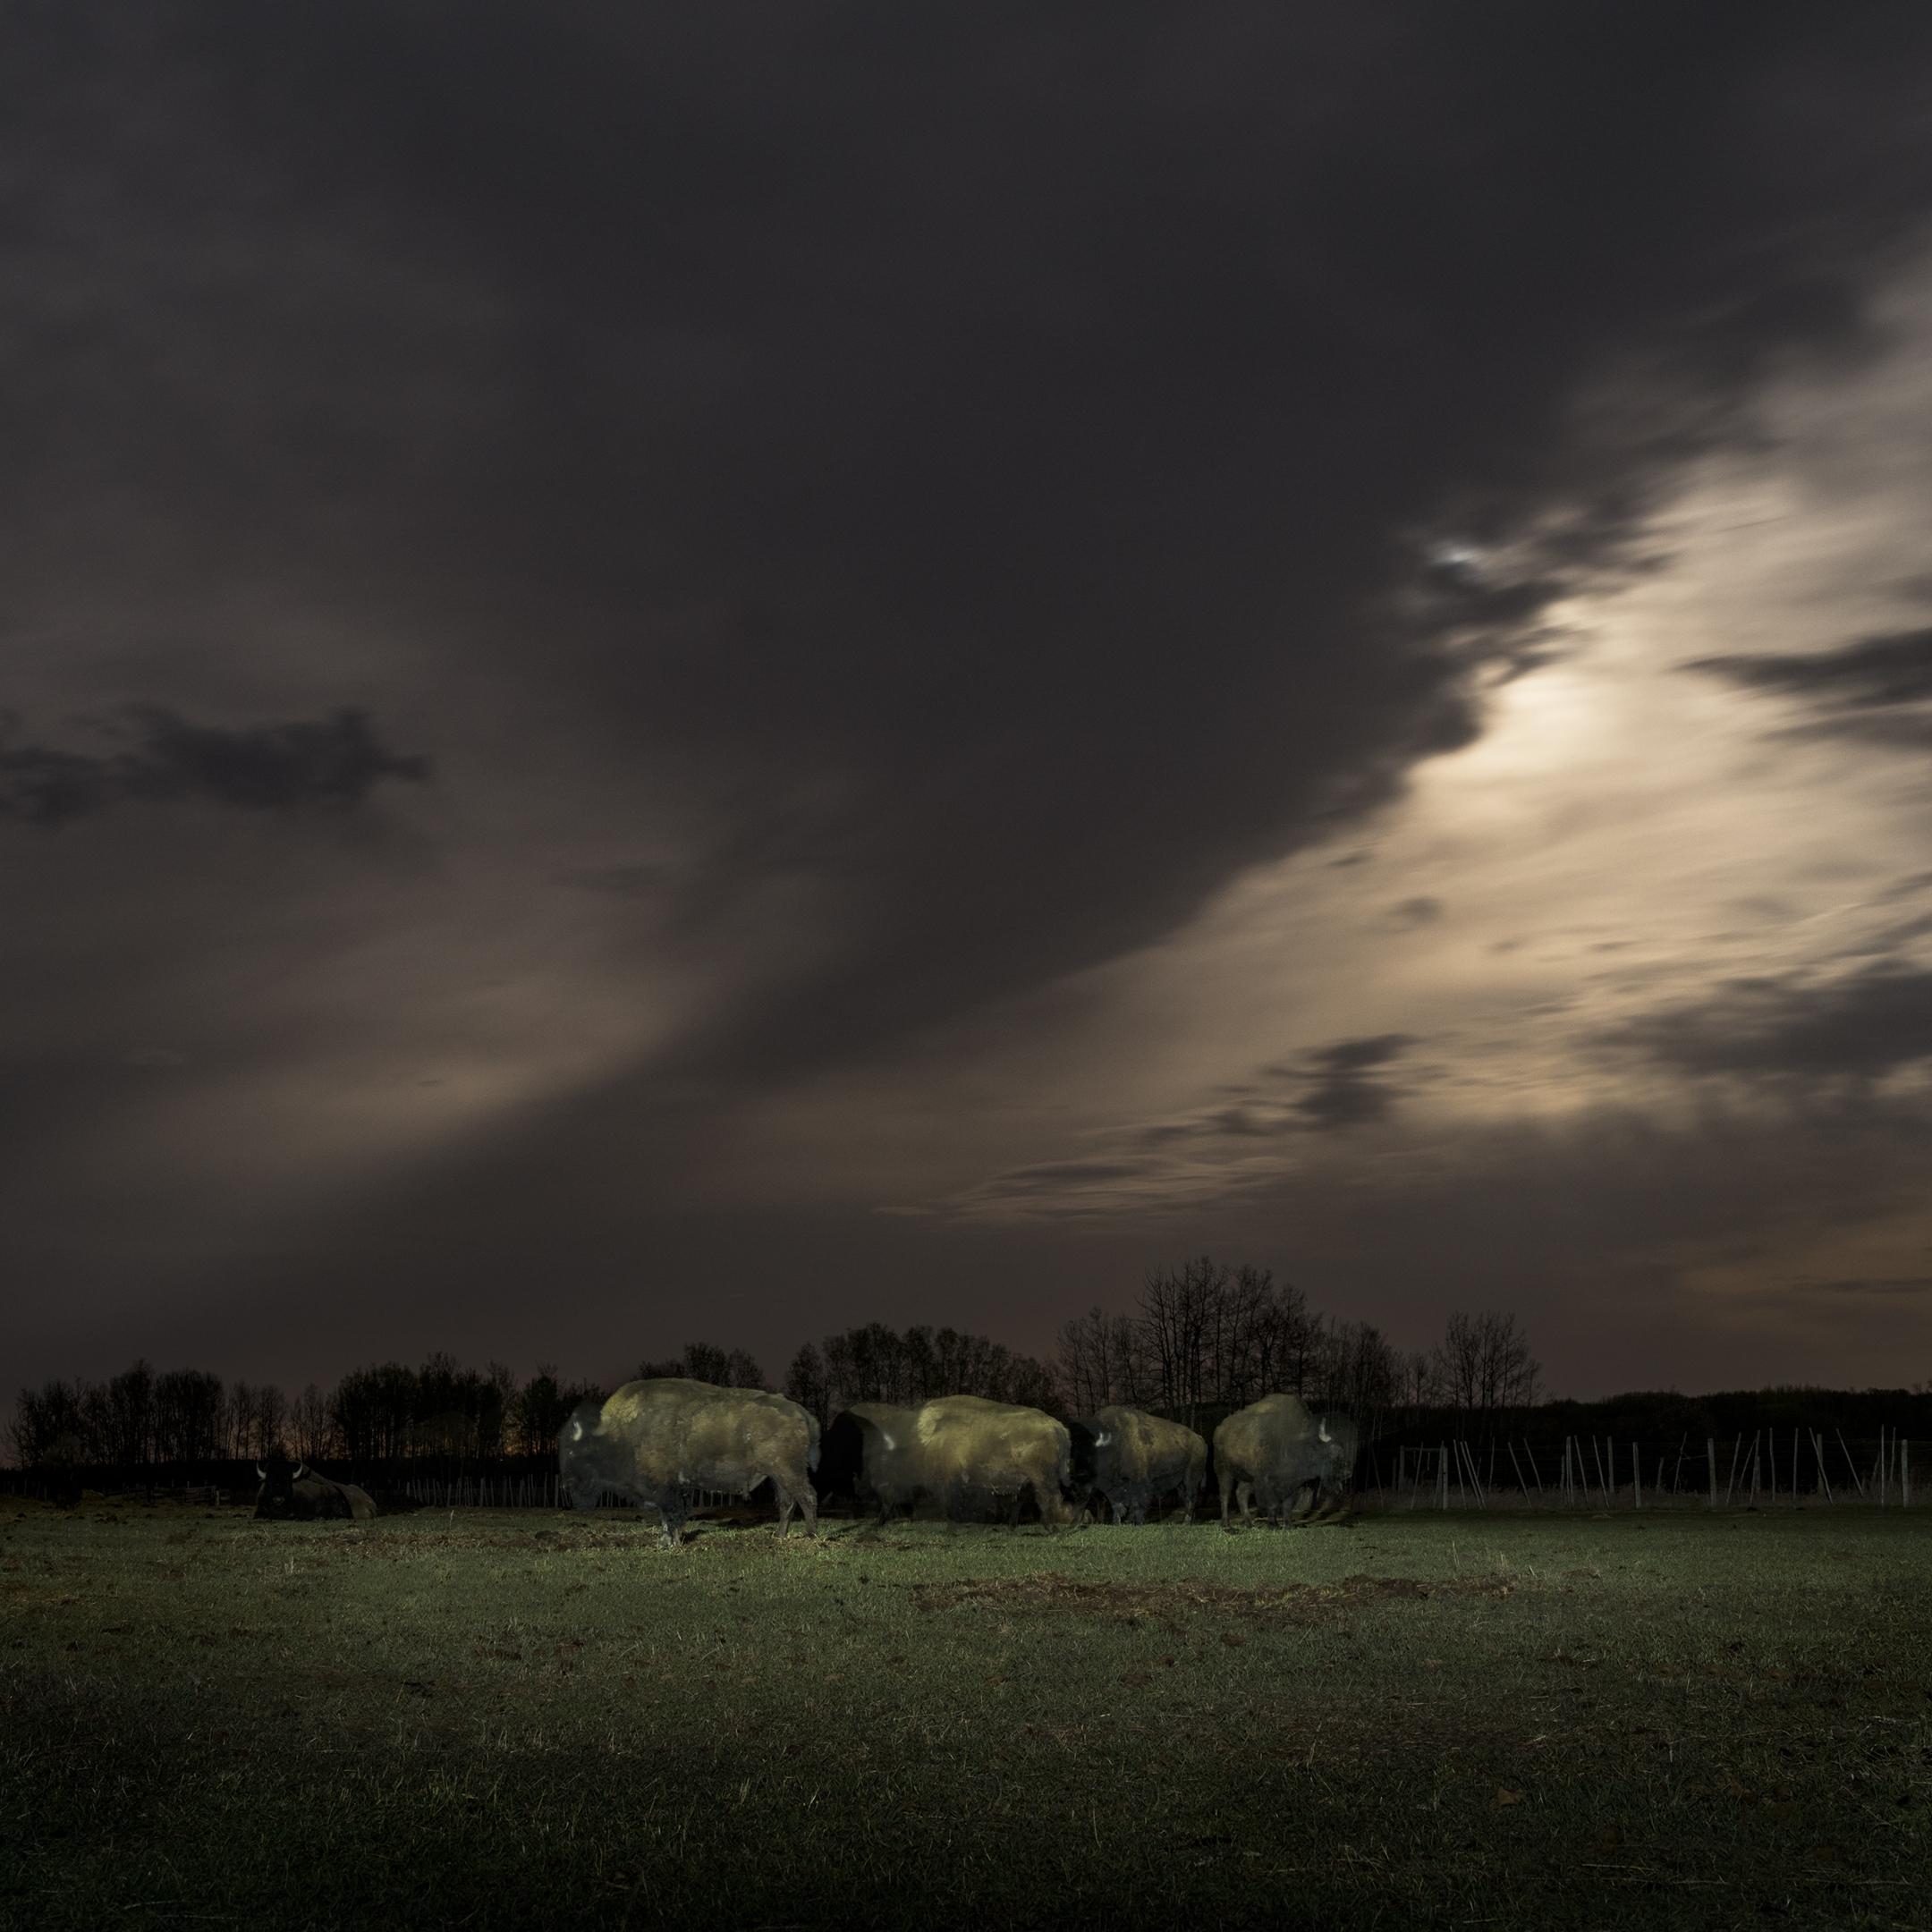 Buffalo Under Moonlight (2016)